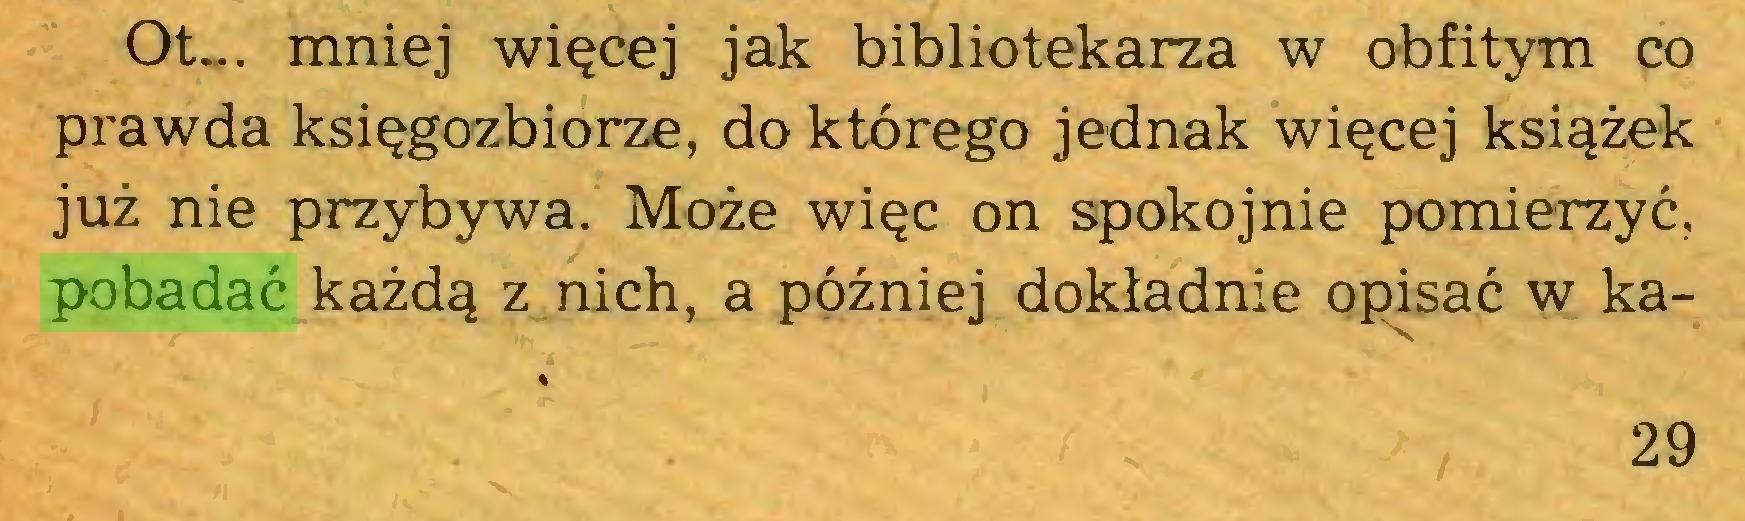 (...) Ot... mniej więcej jak bibliotekarza w obfitym co prawda księgozbiorze, do którego jednak więcej książek już nie przybywa. Może więc on spokojnie pomierzyć, pobadać każdą z nich, a później dokładnie opisać w ka29...